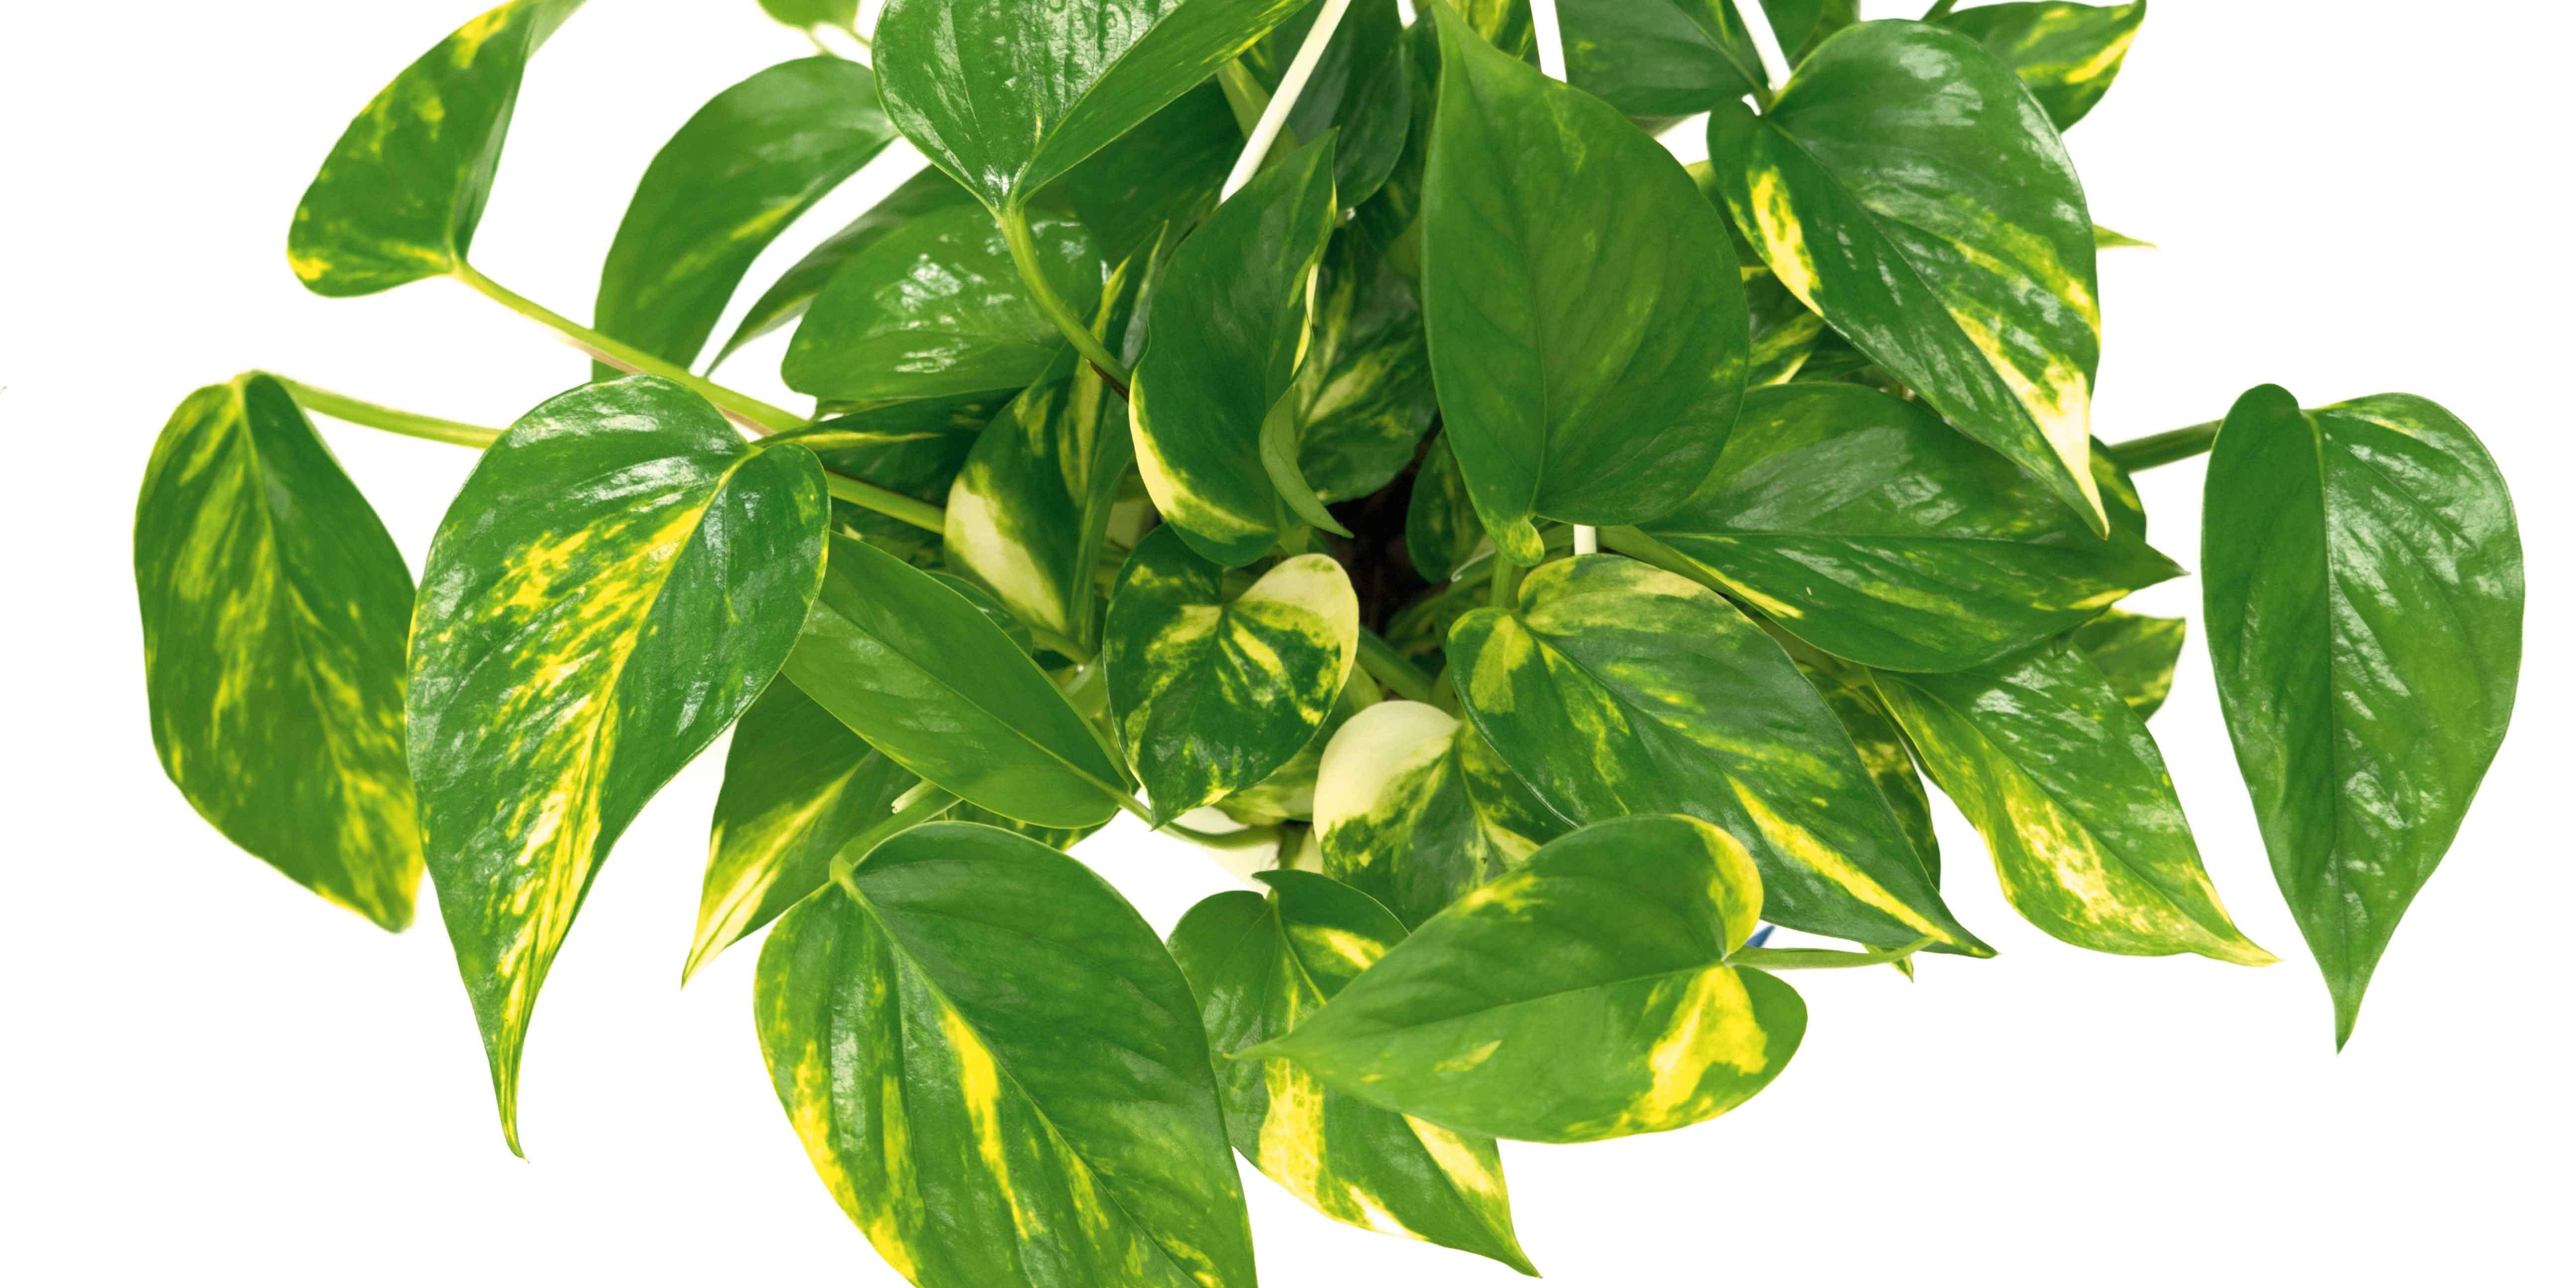 Edera Pianta Da Interno riprodurre le piante da interni per talea in acqua - cose di